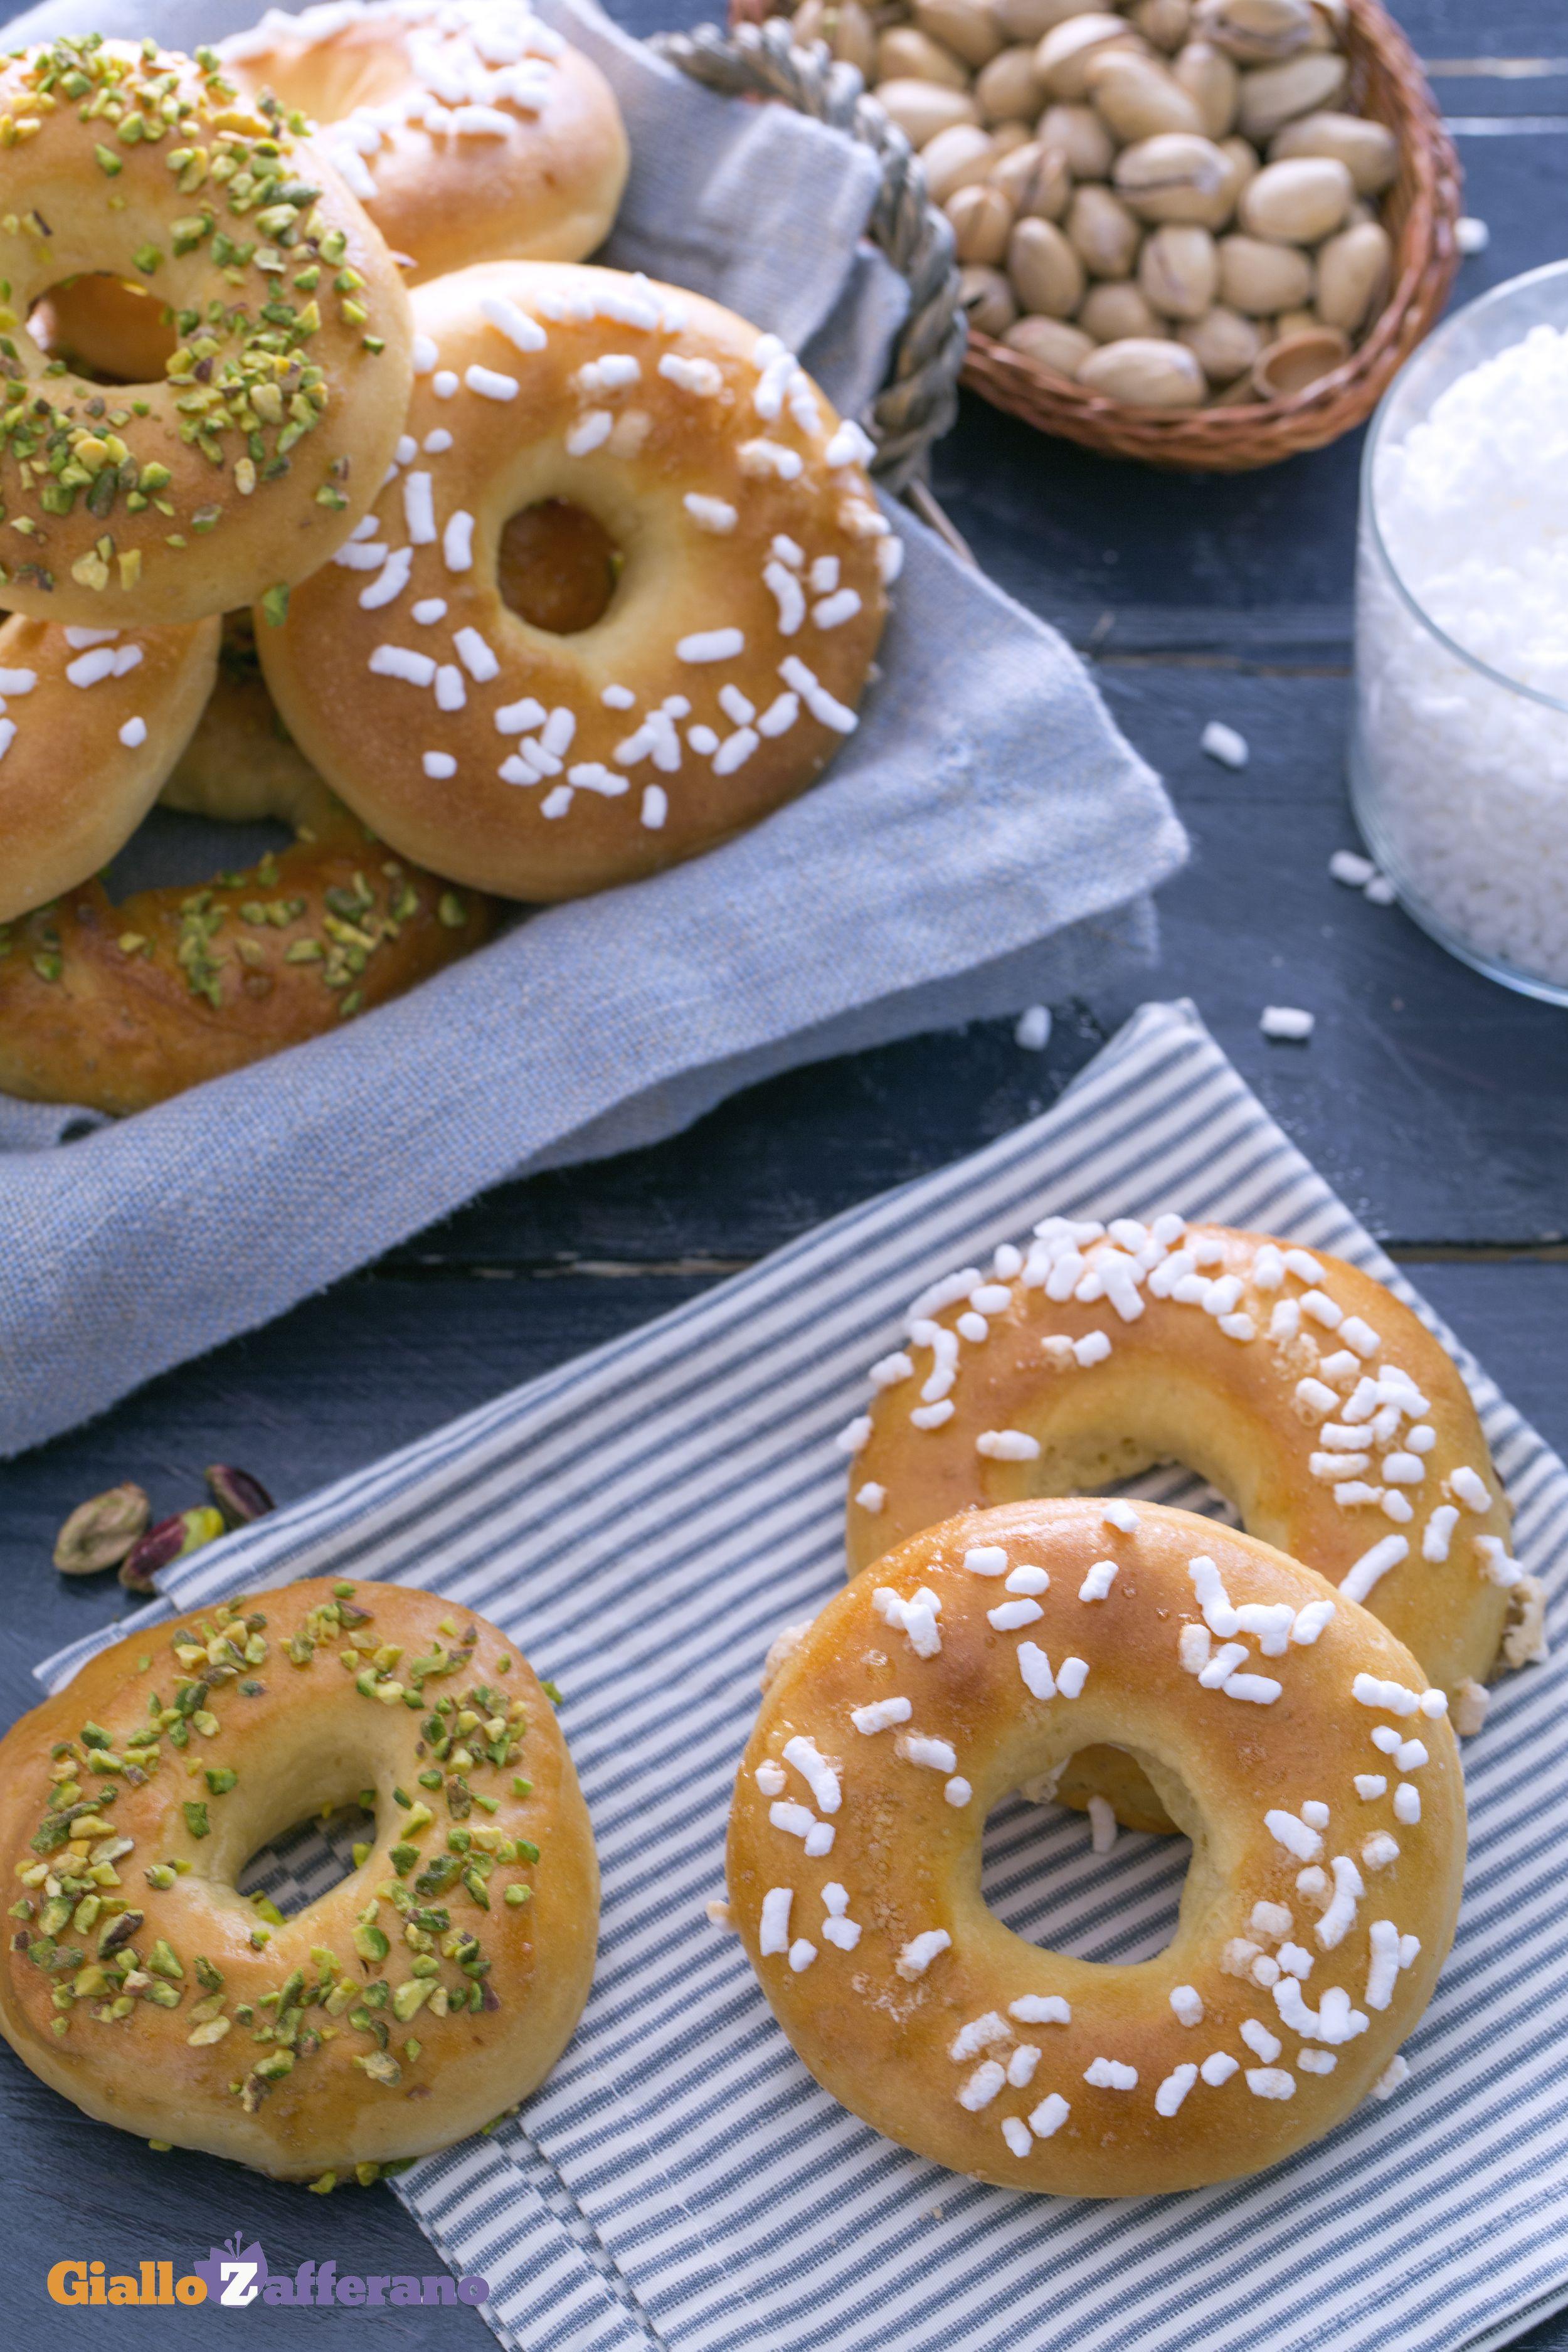 Ricetta Donuts Giallozafferano.Ciambelle Soffici Al Forno Ricetta Idee Alimentari Ricette Ciambelle